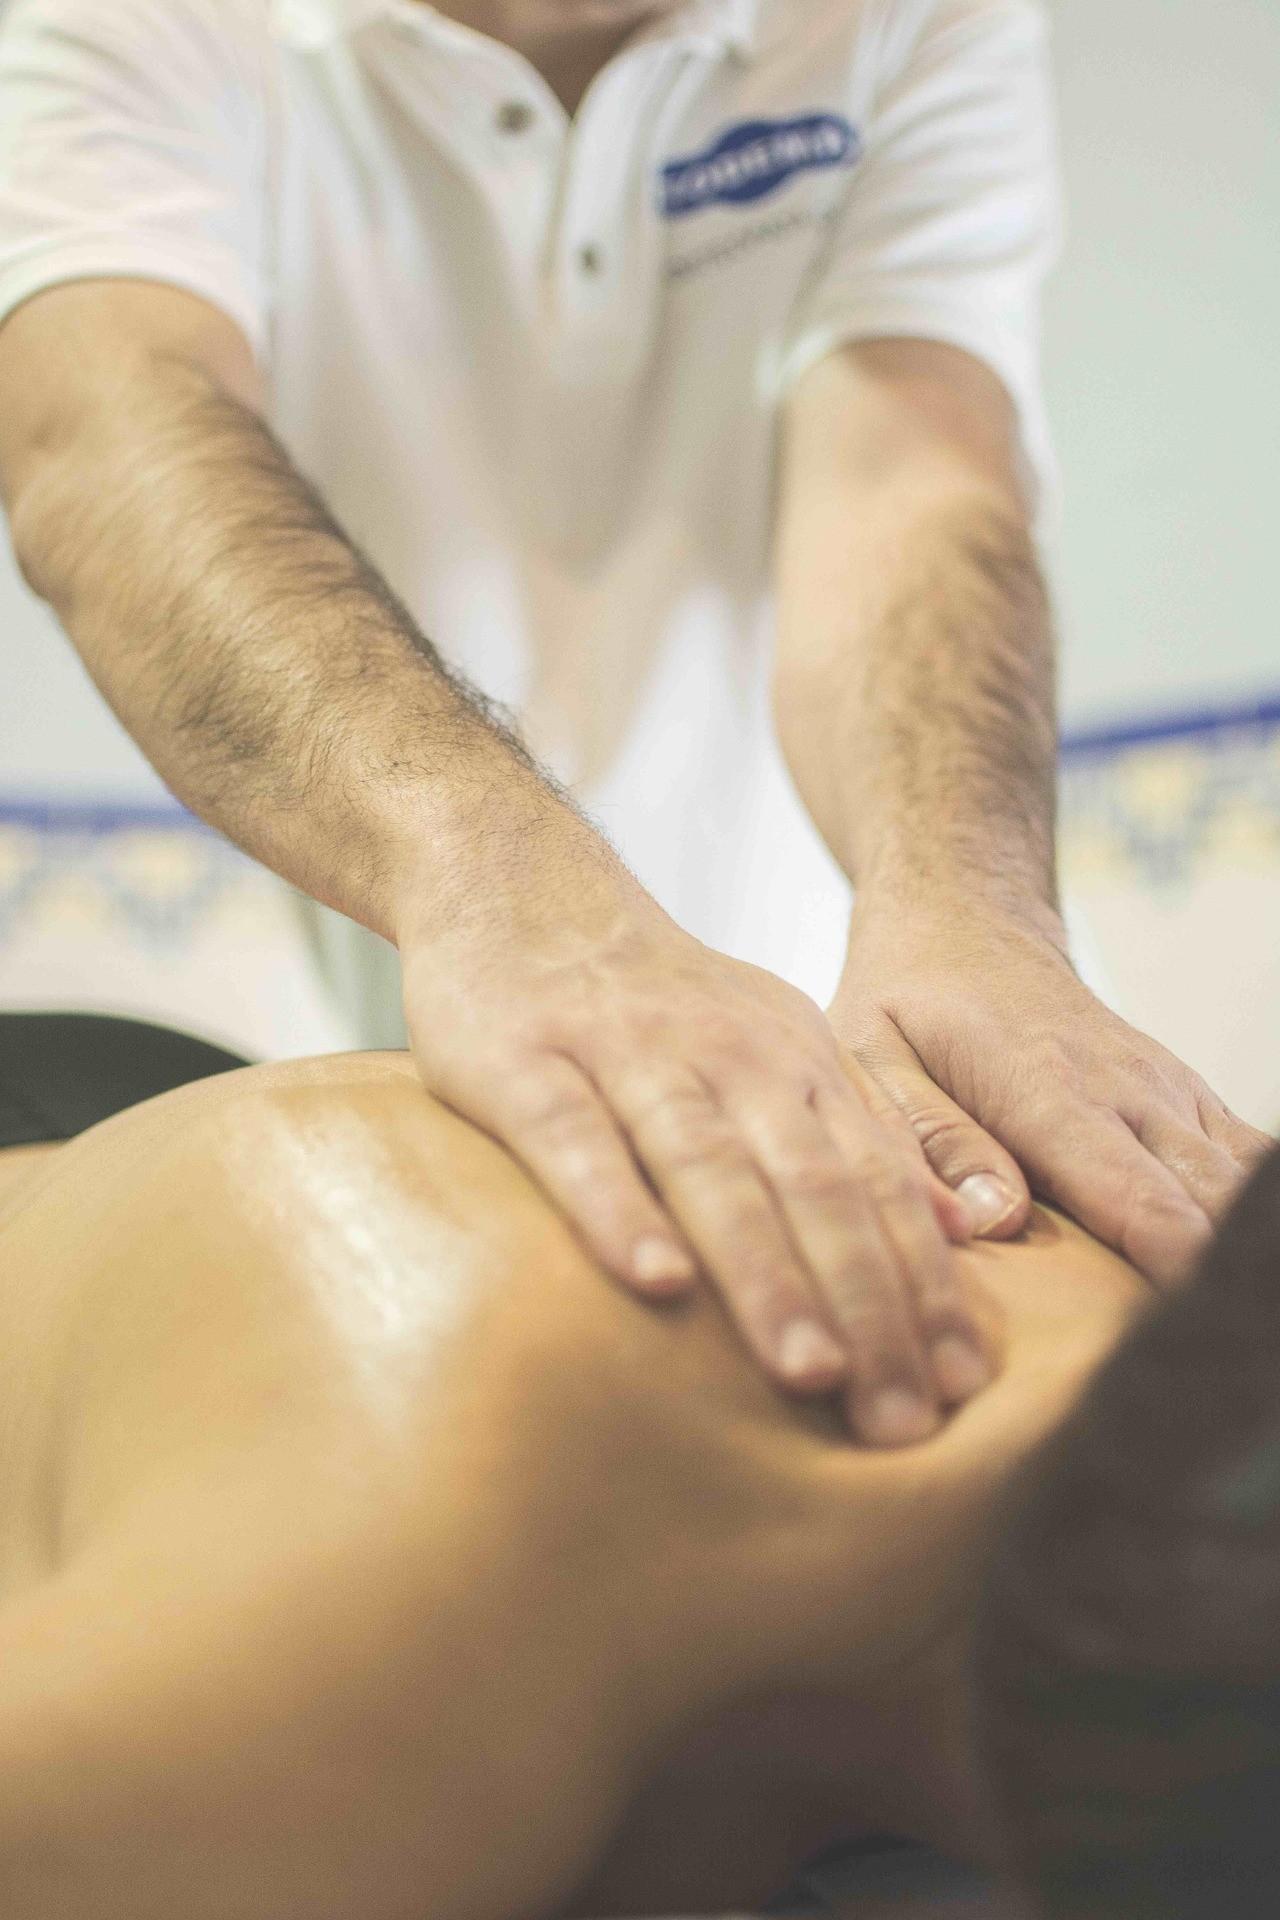 ▲▼物理治療,按摩,復健(圖/取自免費圖庫Pixbay)